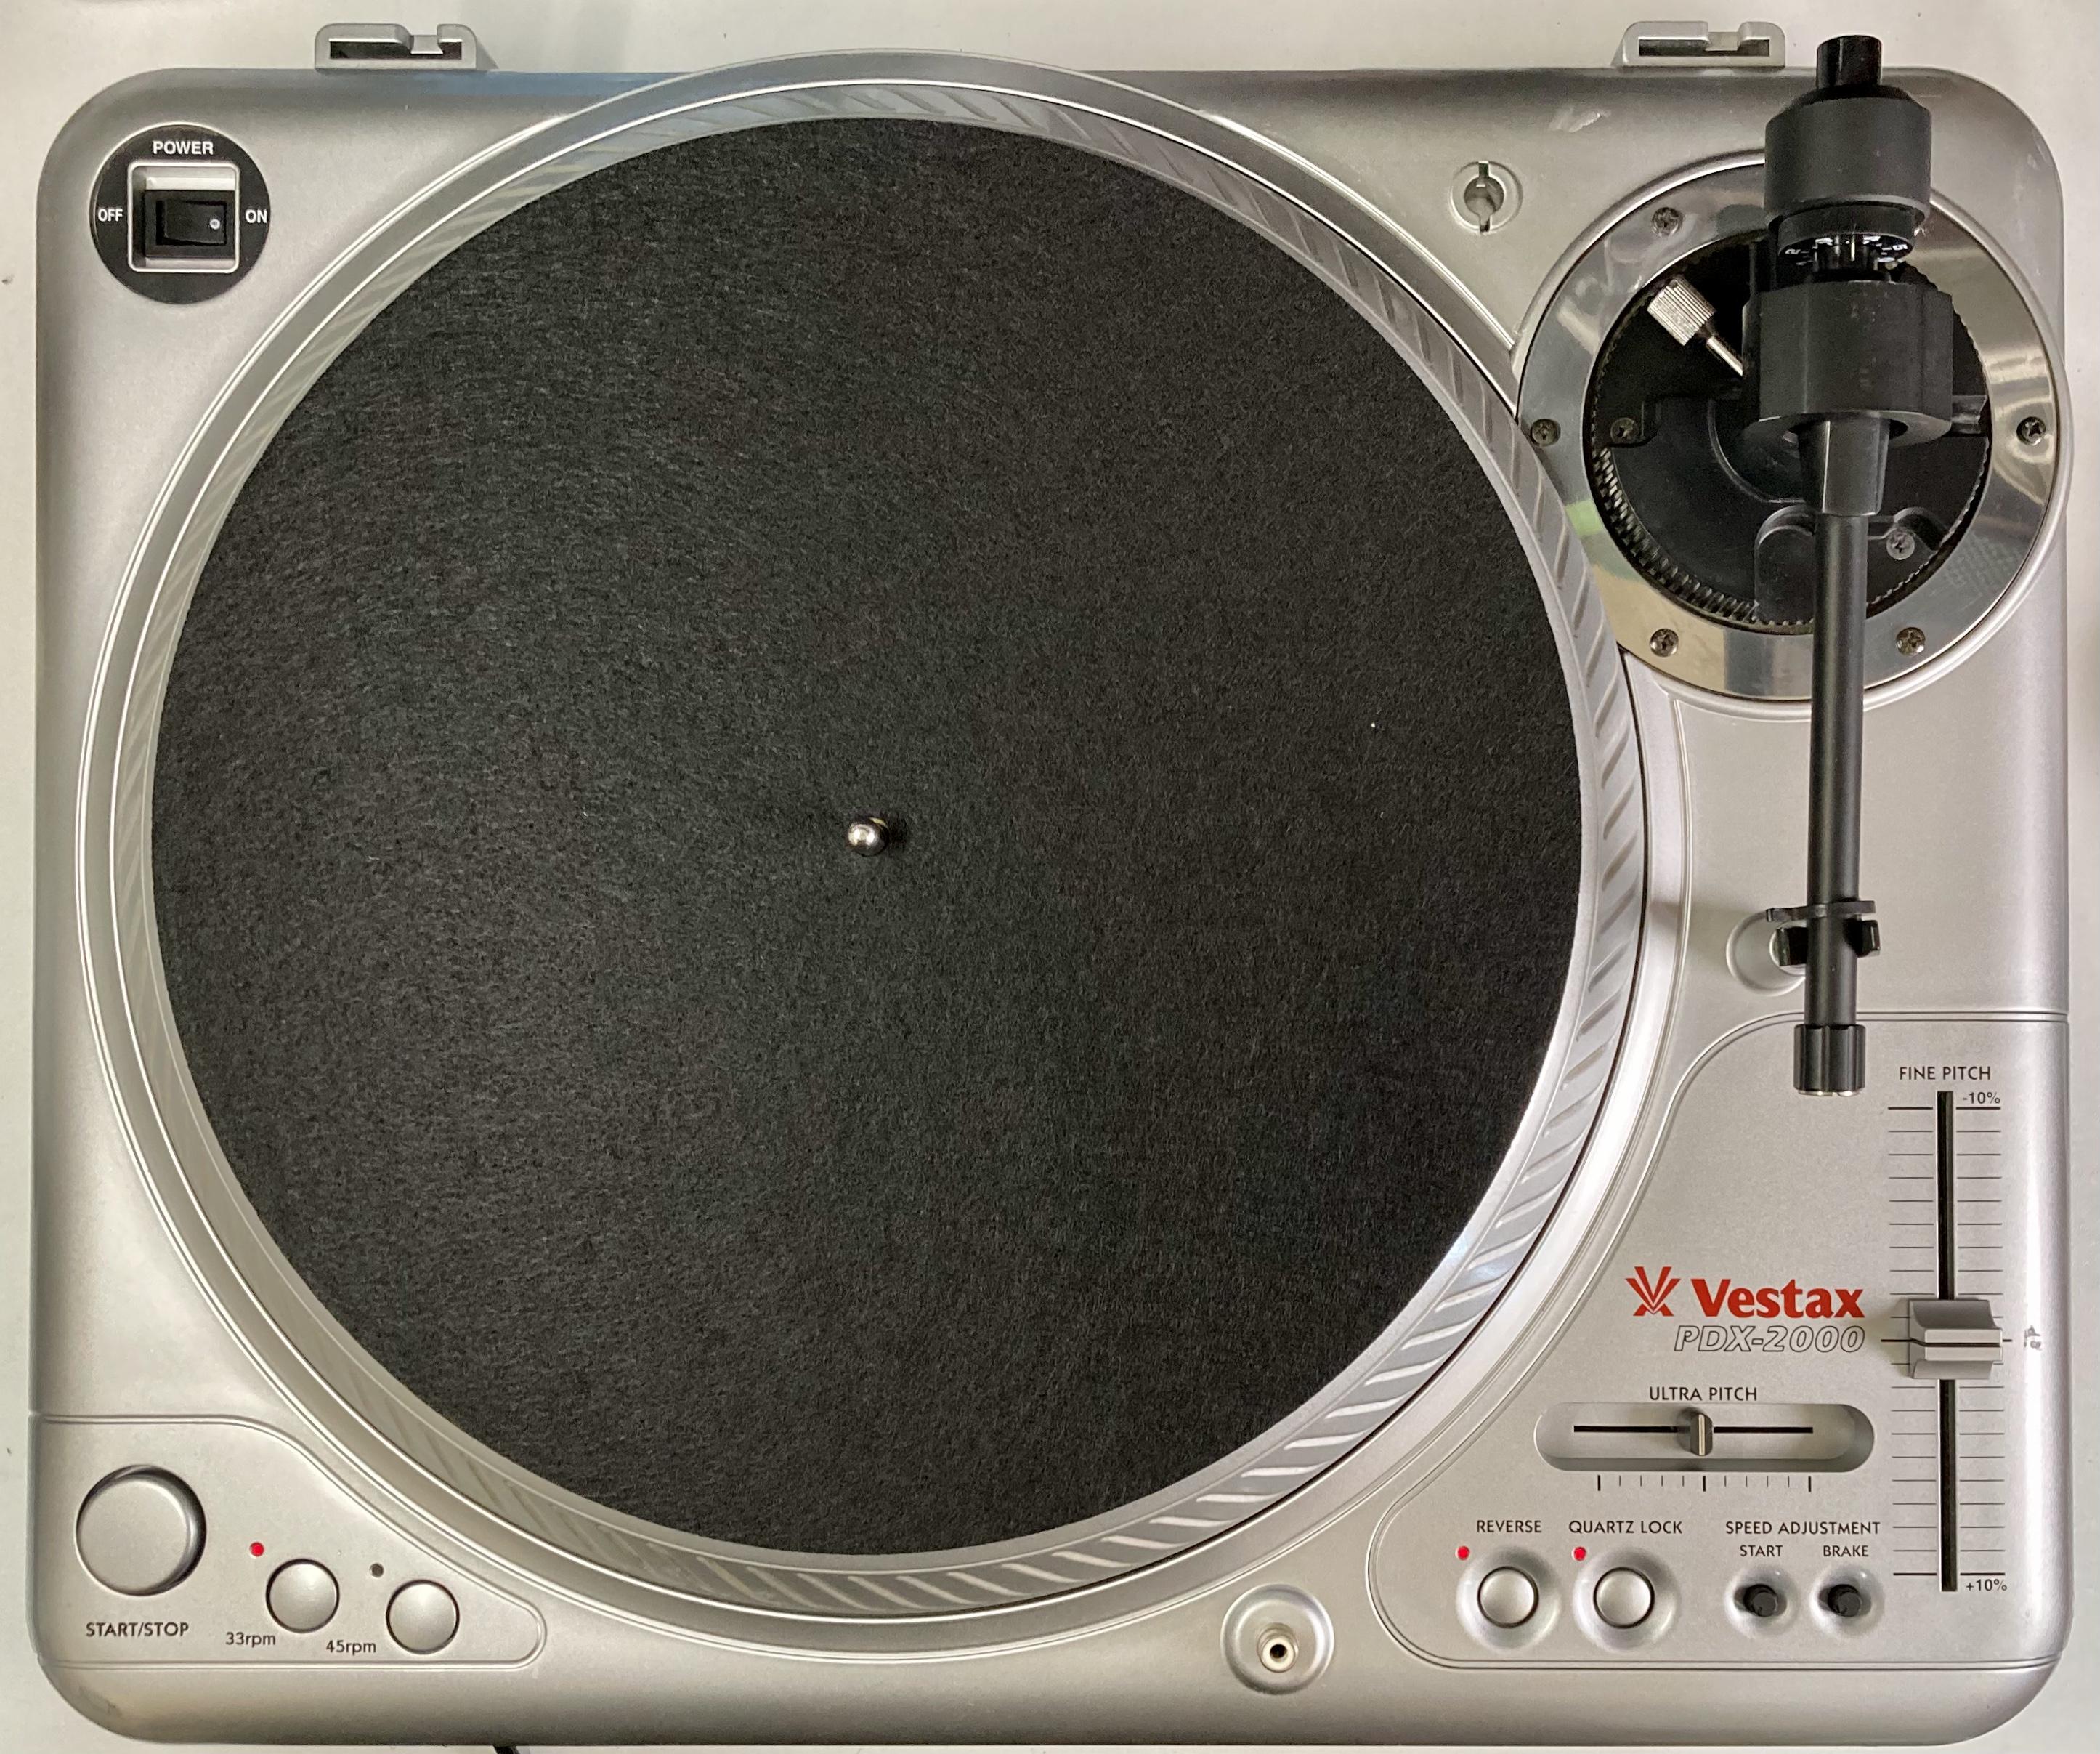 [安心のメンテナンス/カスタム済USED] Vestax PDX-2000 シルバー(インシュレーター改善品) 【6ヶ月保証付き】 TT-0106